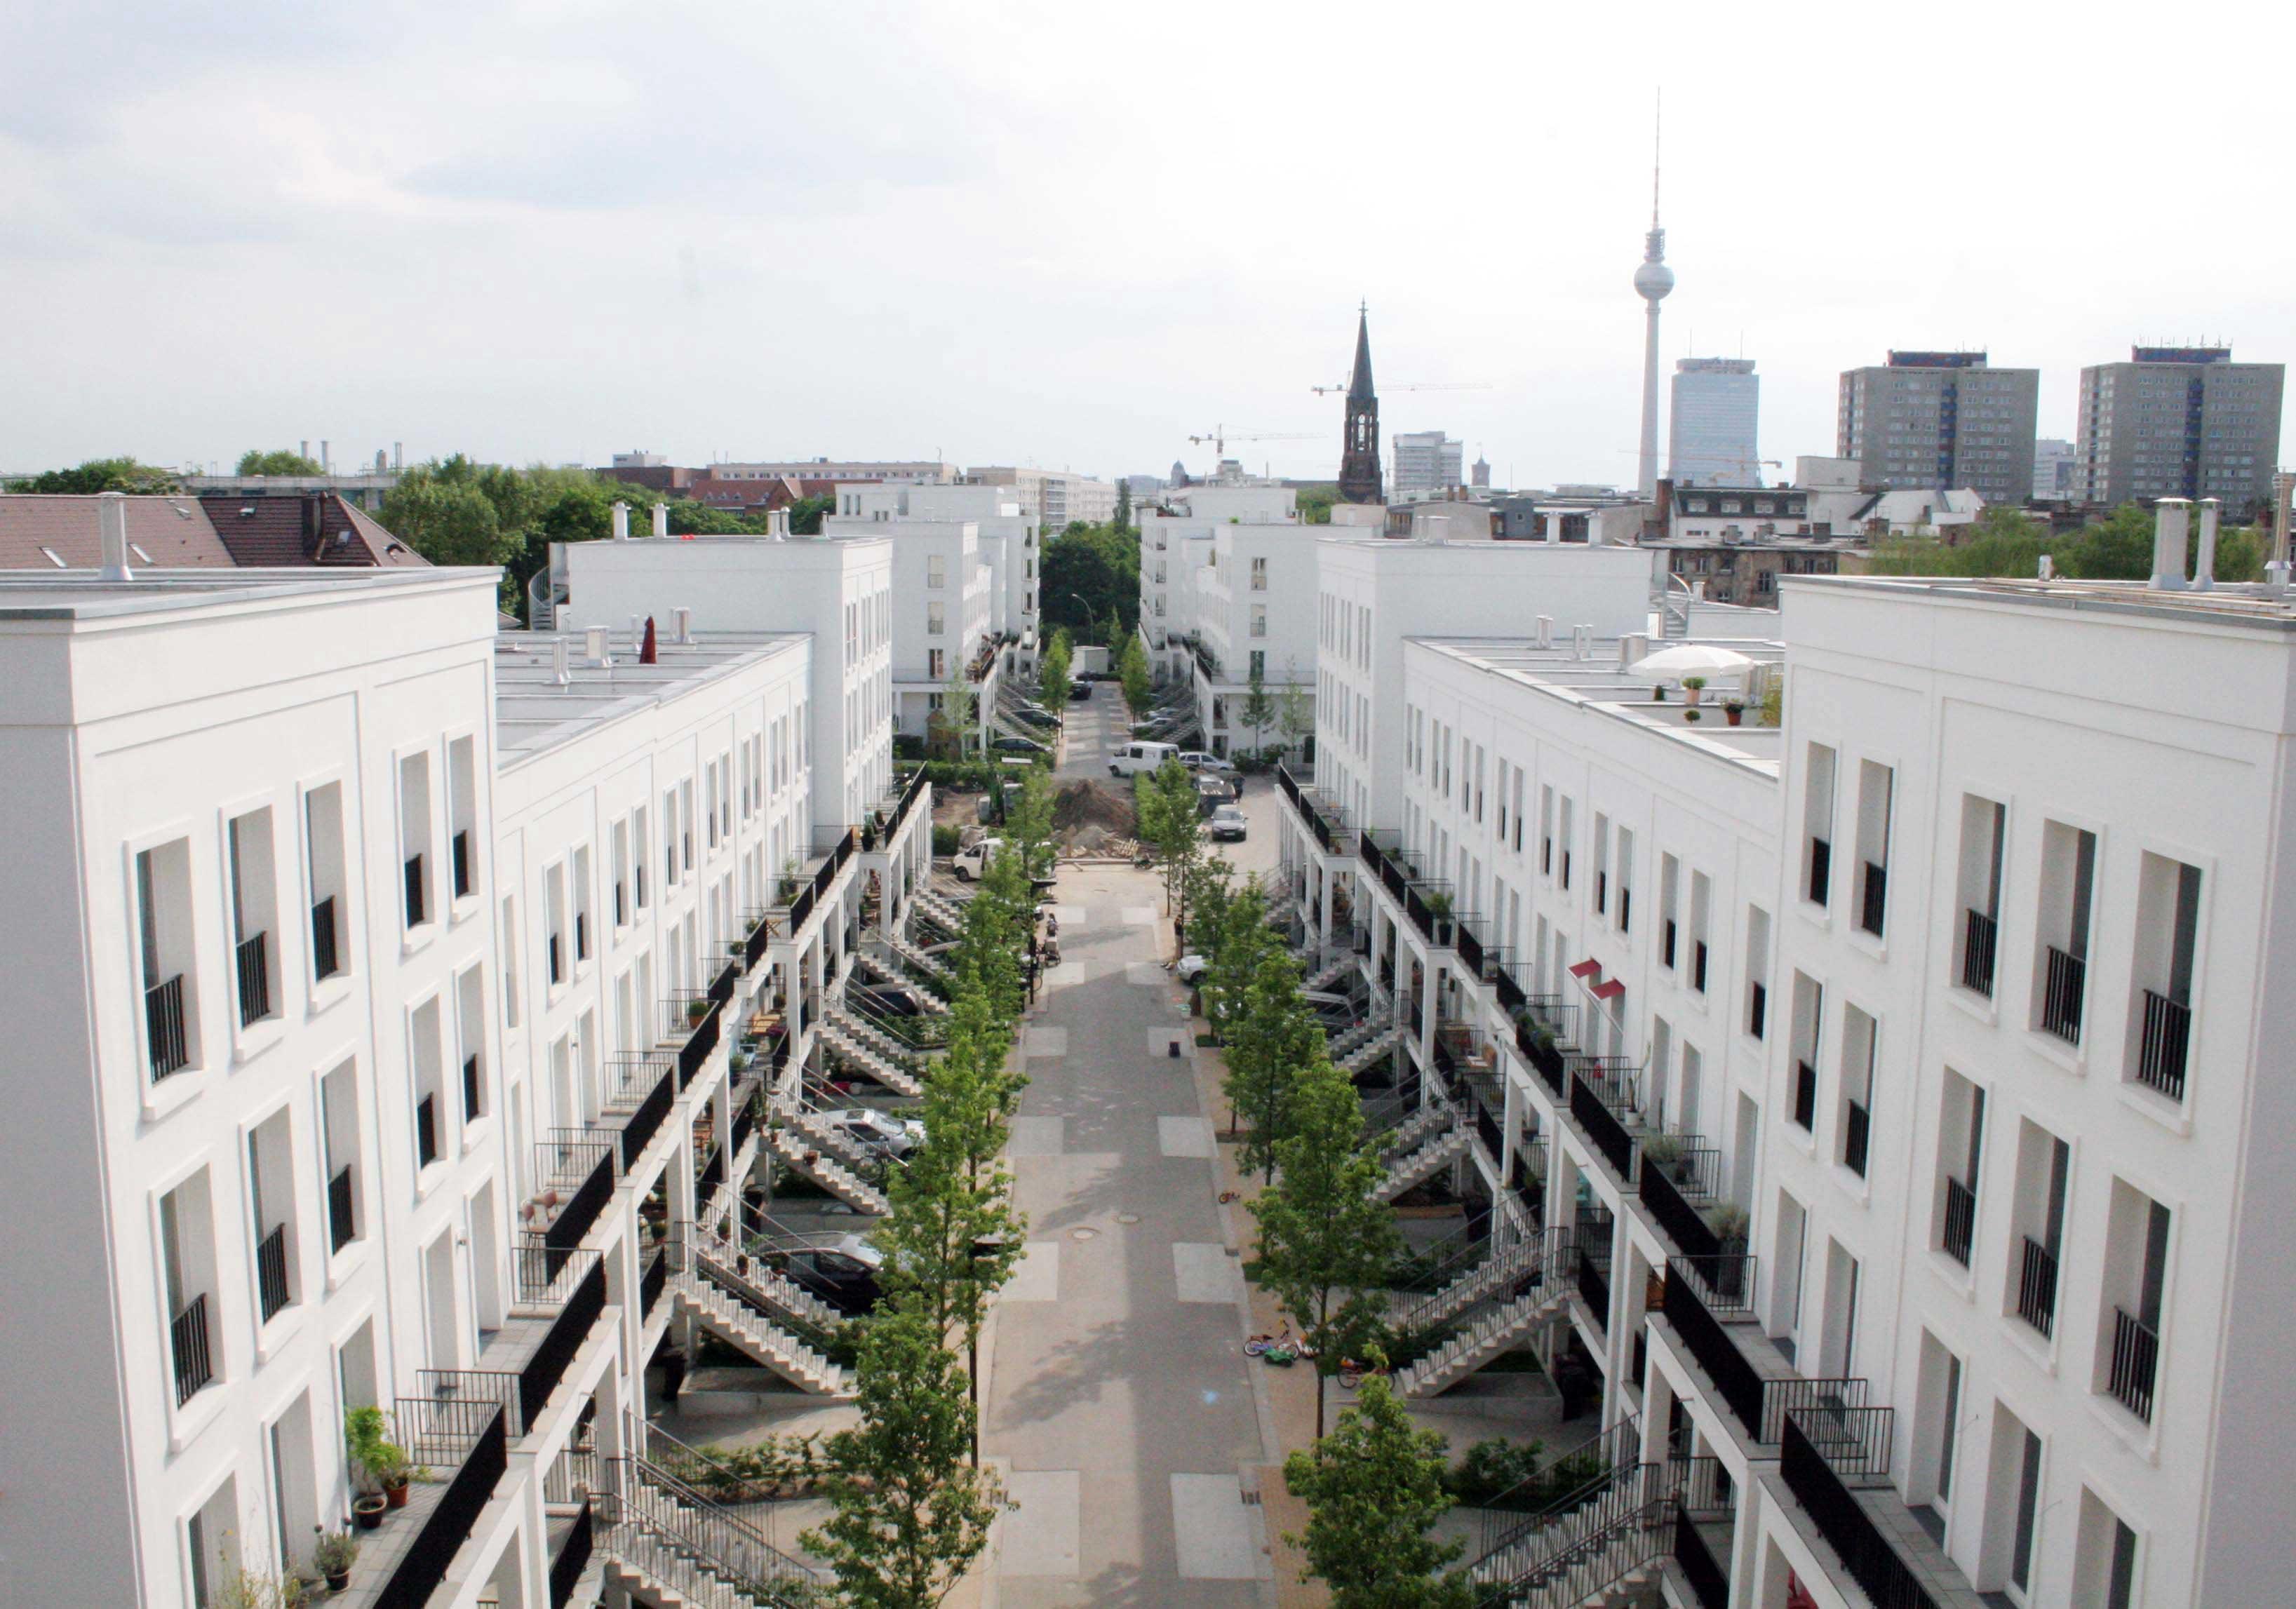 Townhouse Berlin file terraced houses schweizergaerten berlin jpg wikimedia commons